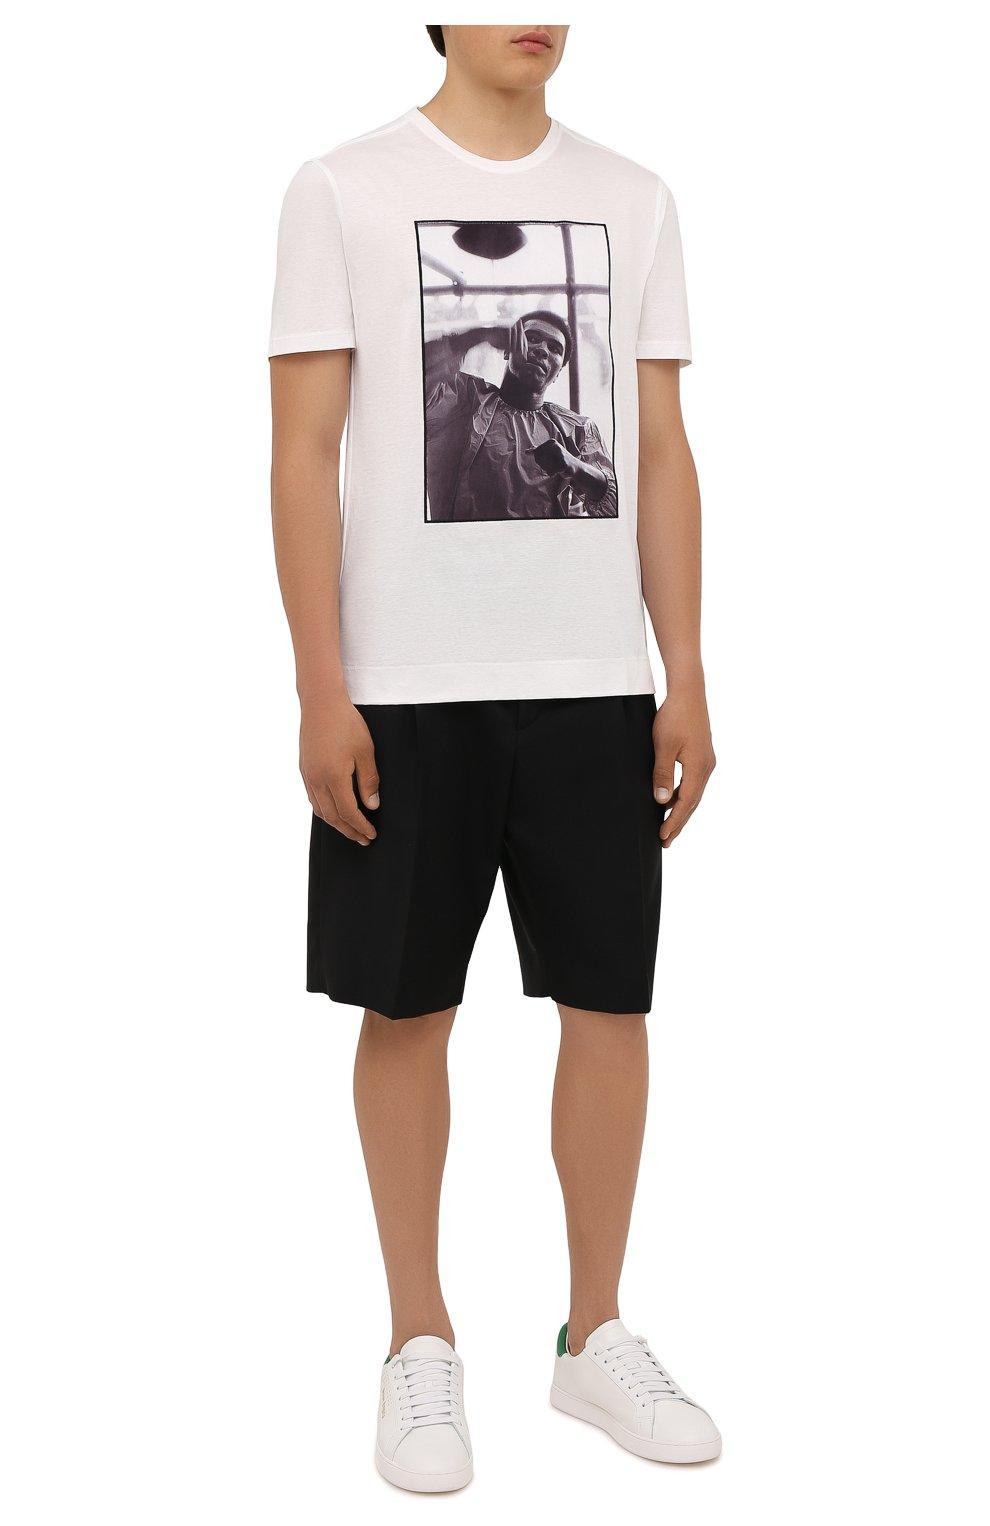 Мужская хлопковая футболка LIMITATO белого цвета, арт. HIT/T-SHIRT | Фото 2 (Рукава: Короткие; Длина (для топов): Стандартные; Принт: С принтом; Материал внешний: Хлопок)